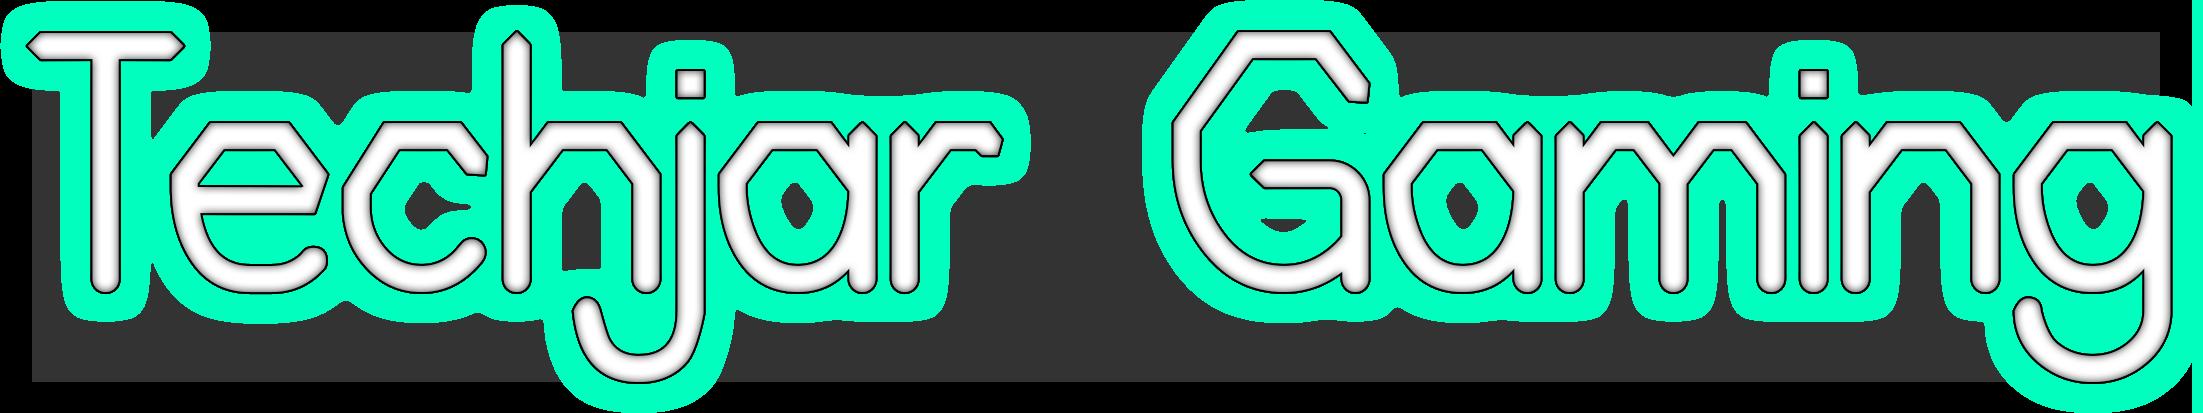 Techjar Gaming